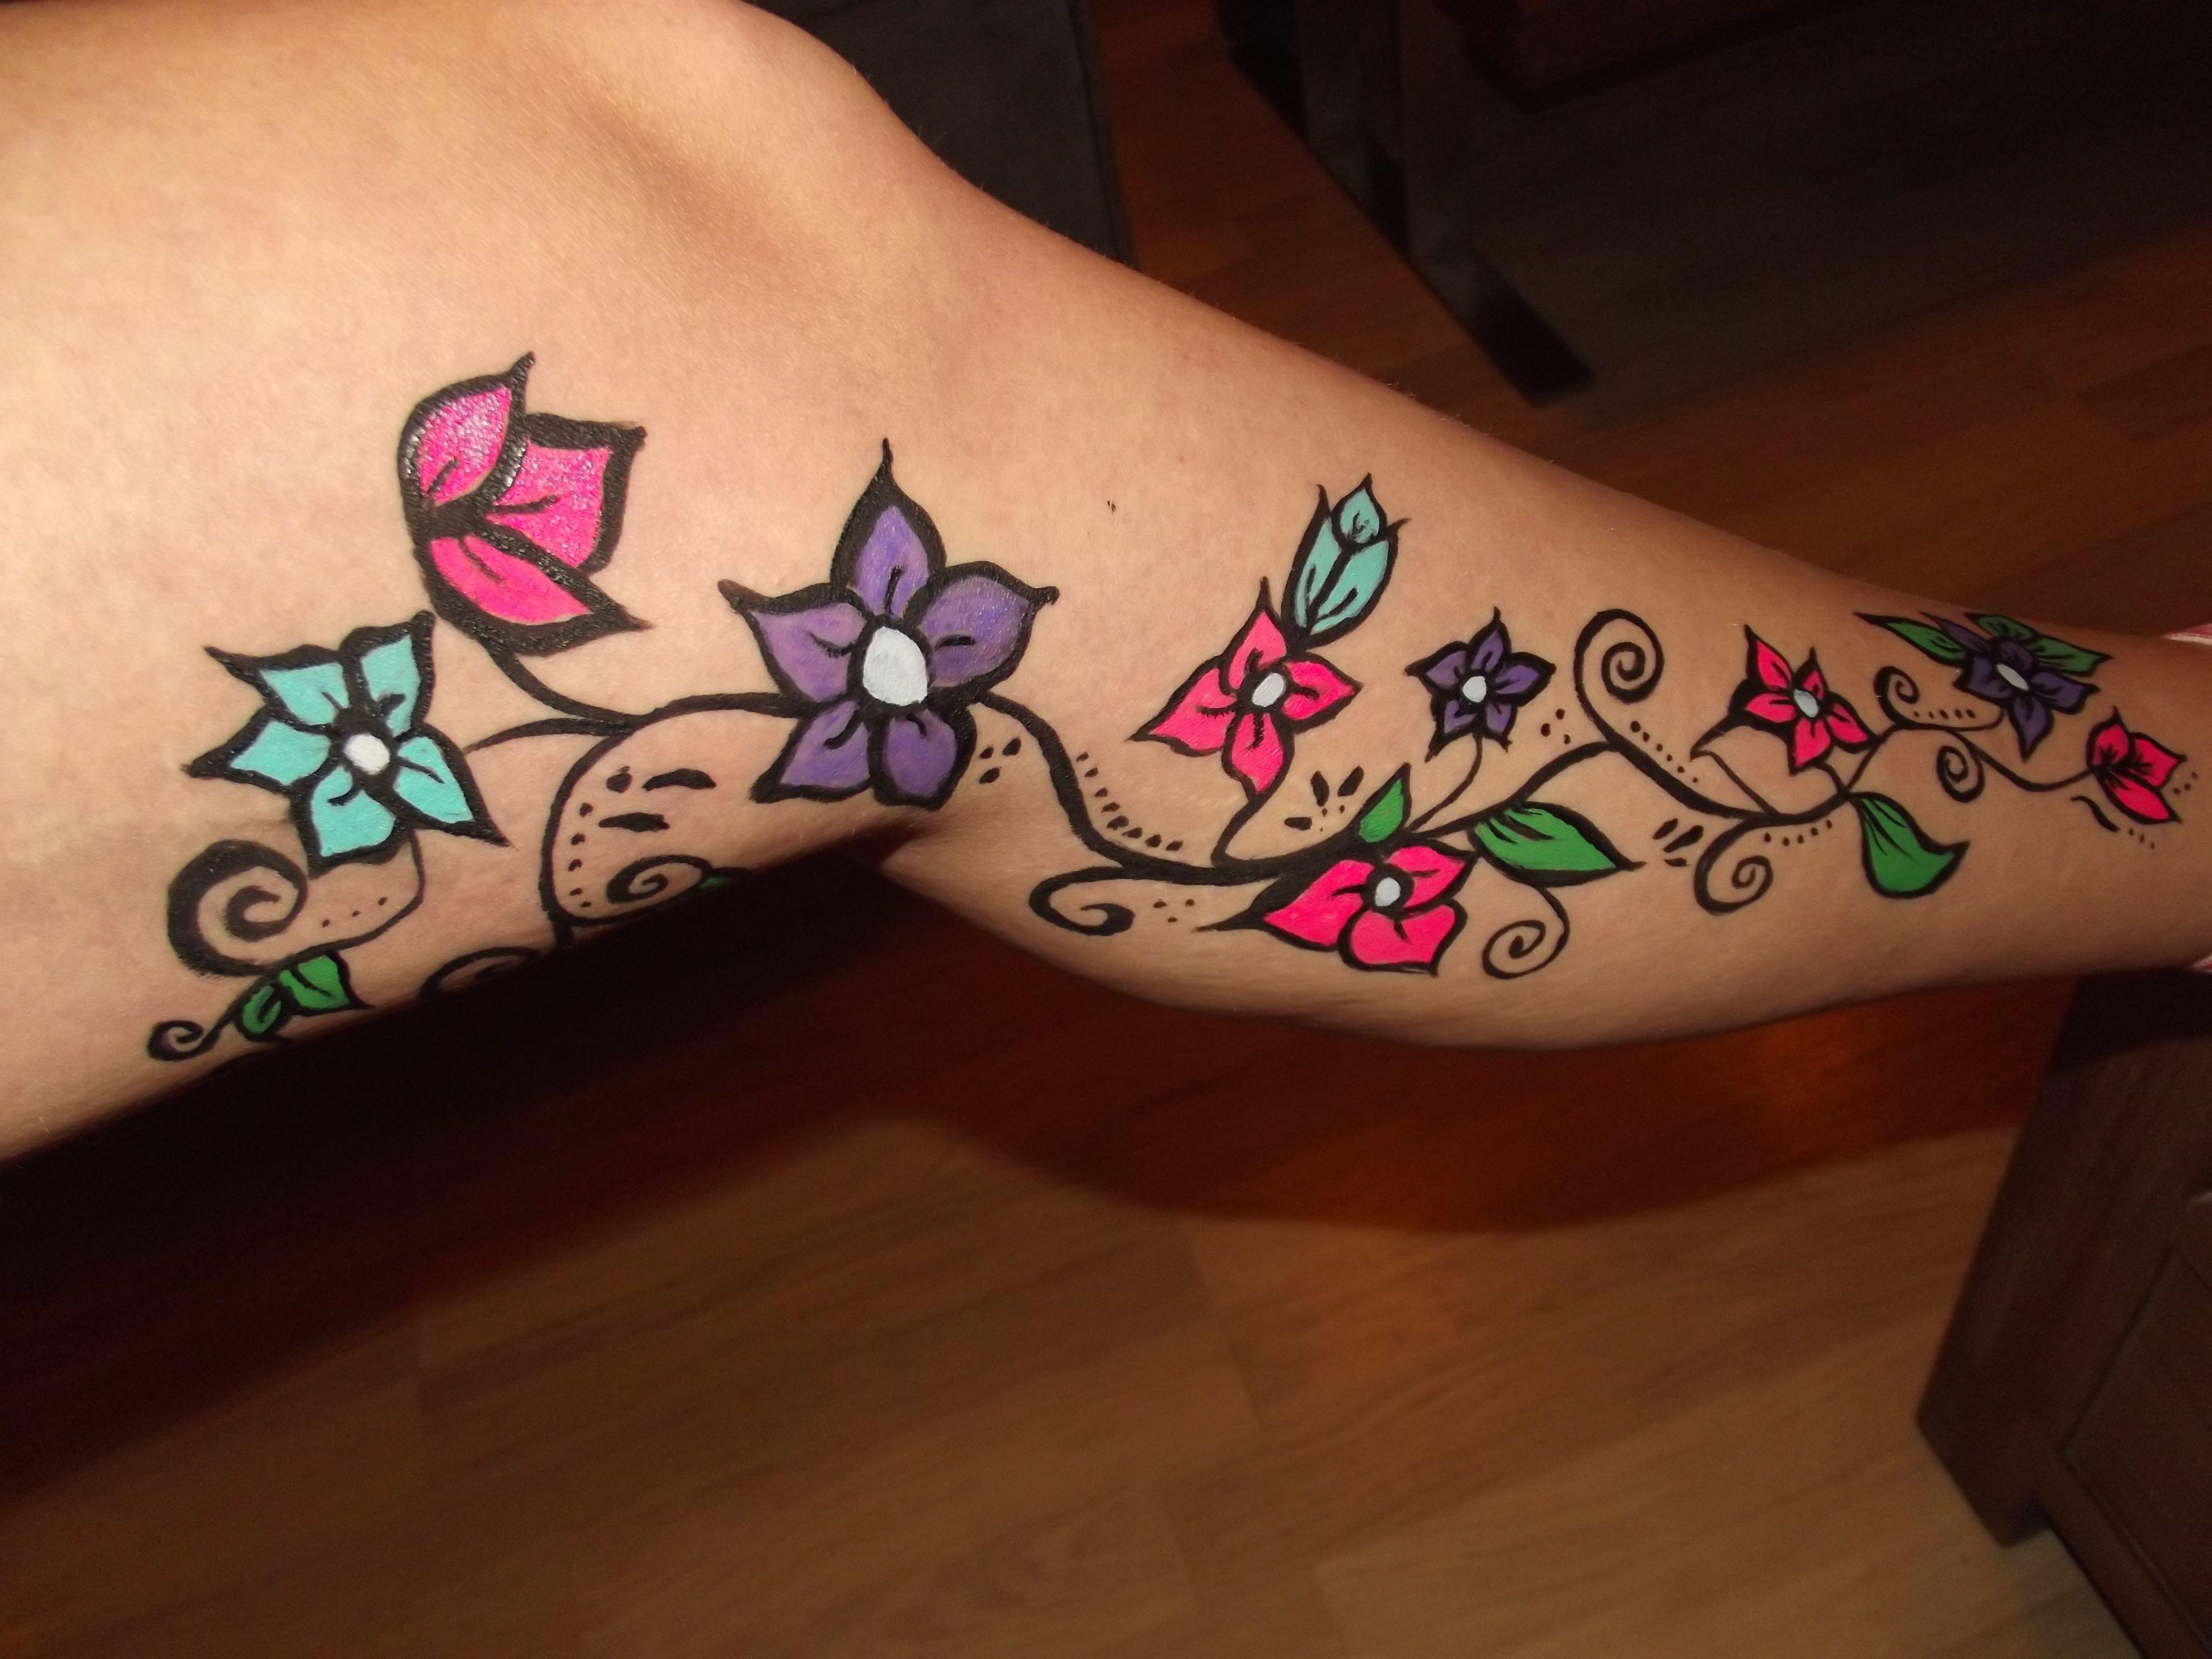 schmink tattoo